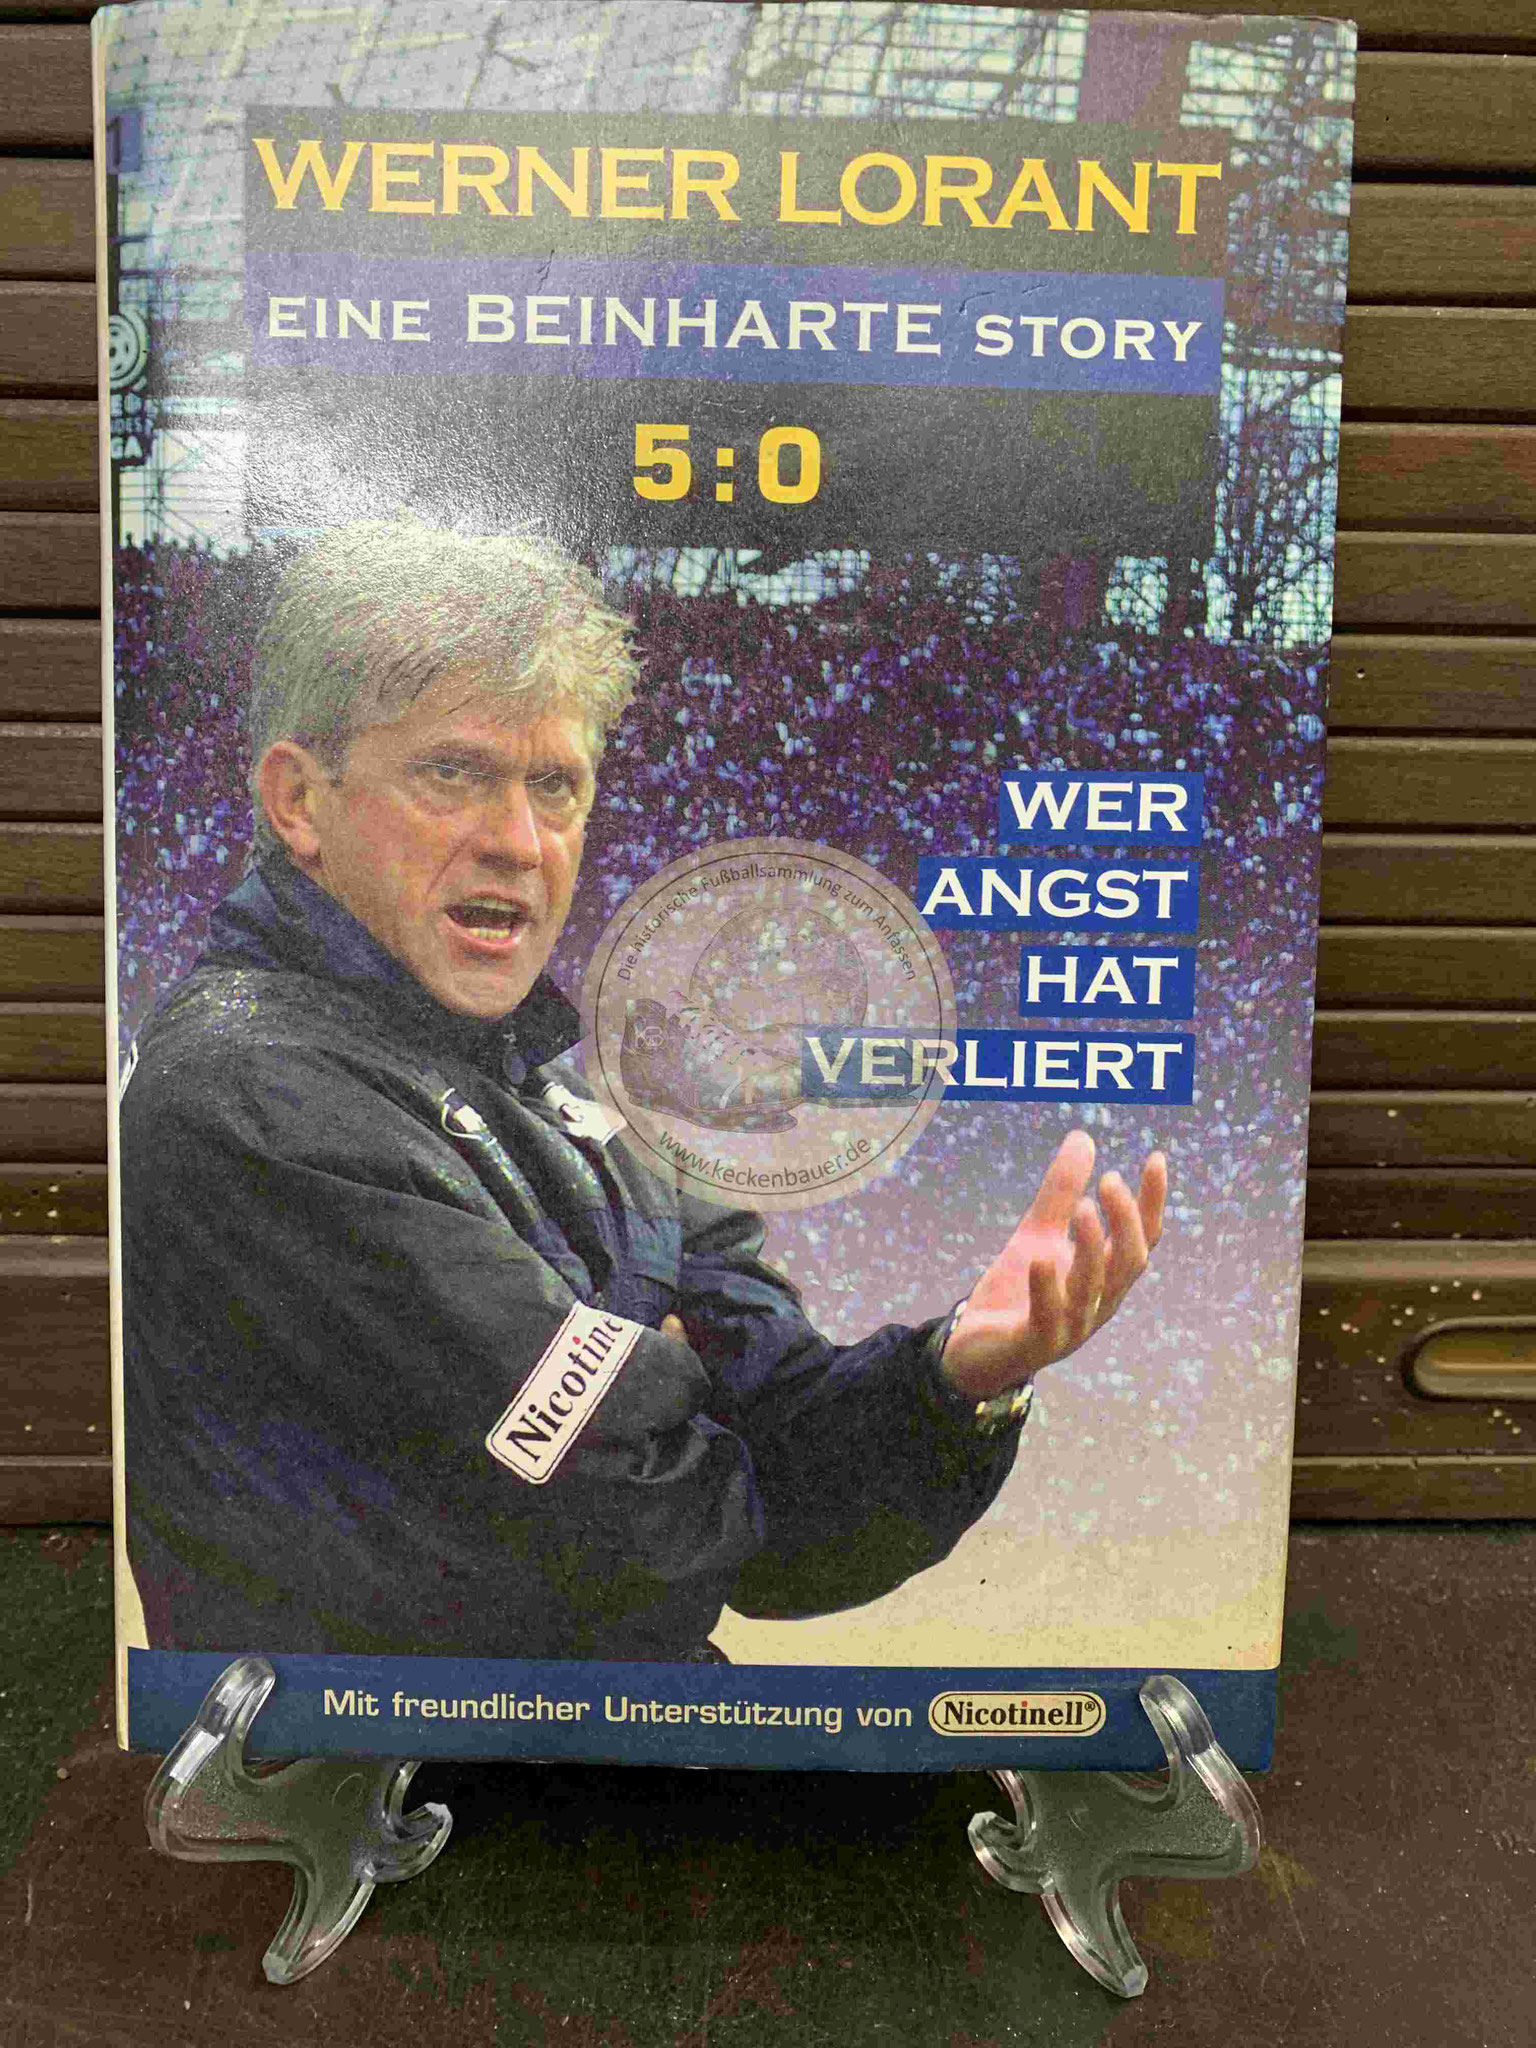 Werner Lorant eine beinharte Story aus dem Jahr 1998